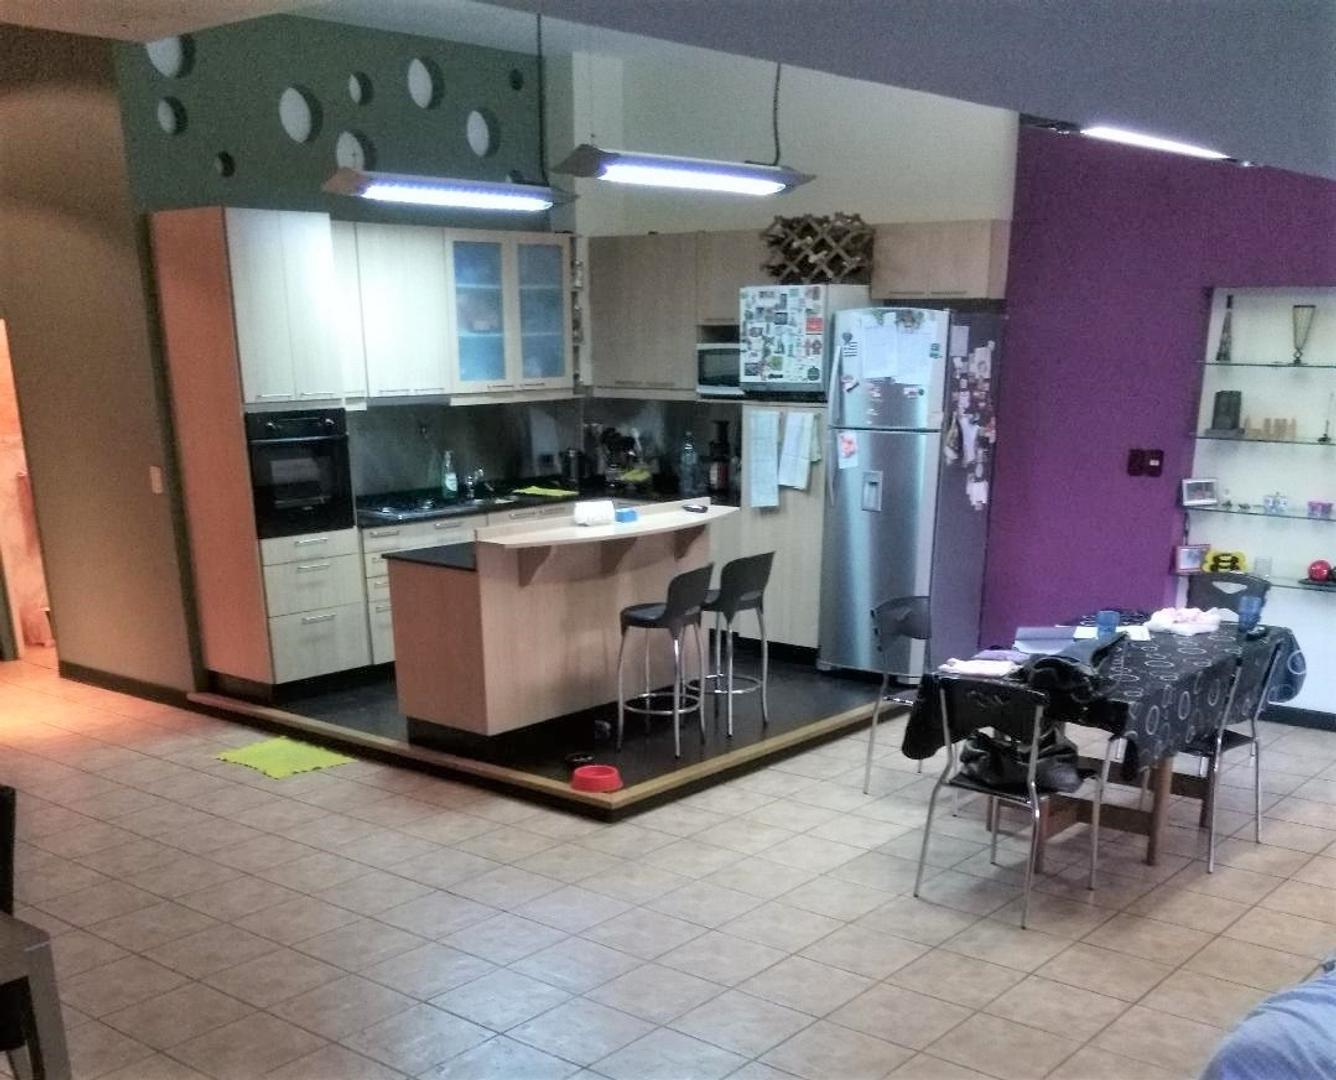 Excelente departamento 4 amb PB estar con hogar living com cocina con desa/Pb: 1 dormi.baño PA:2dorm